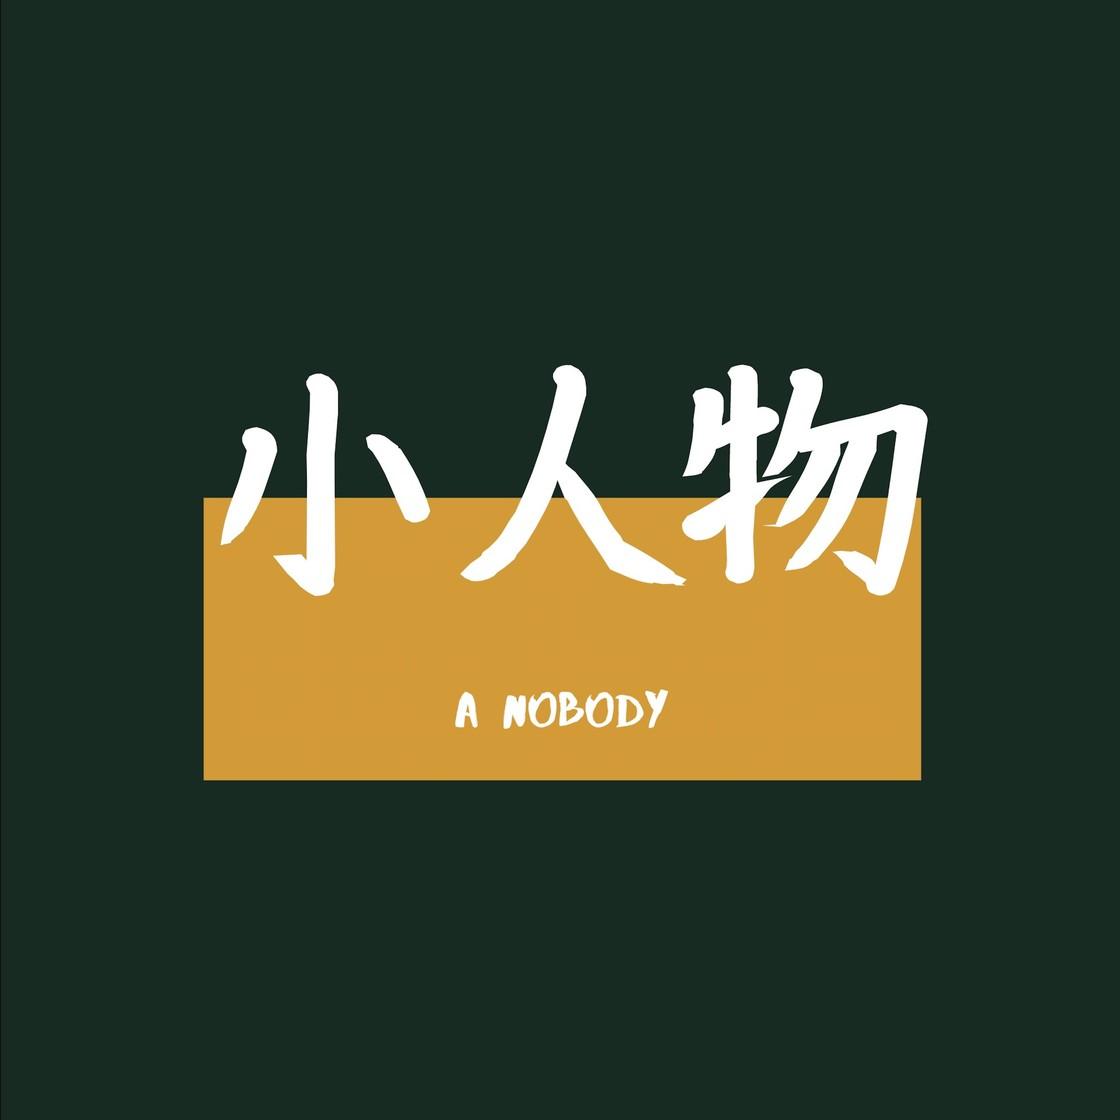 小人物播客 Logo Design by 阿乐